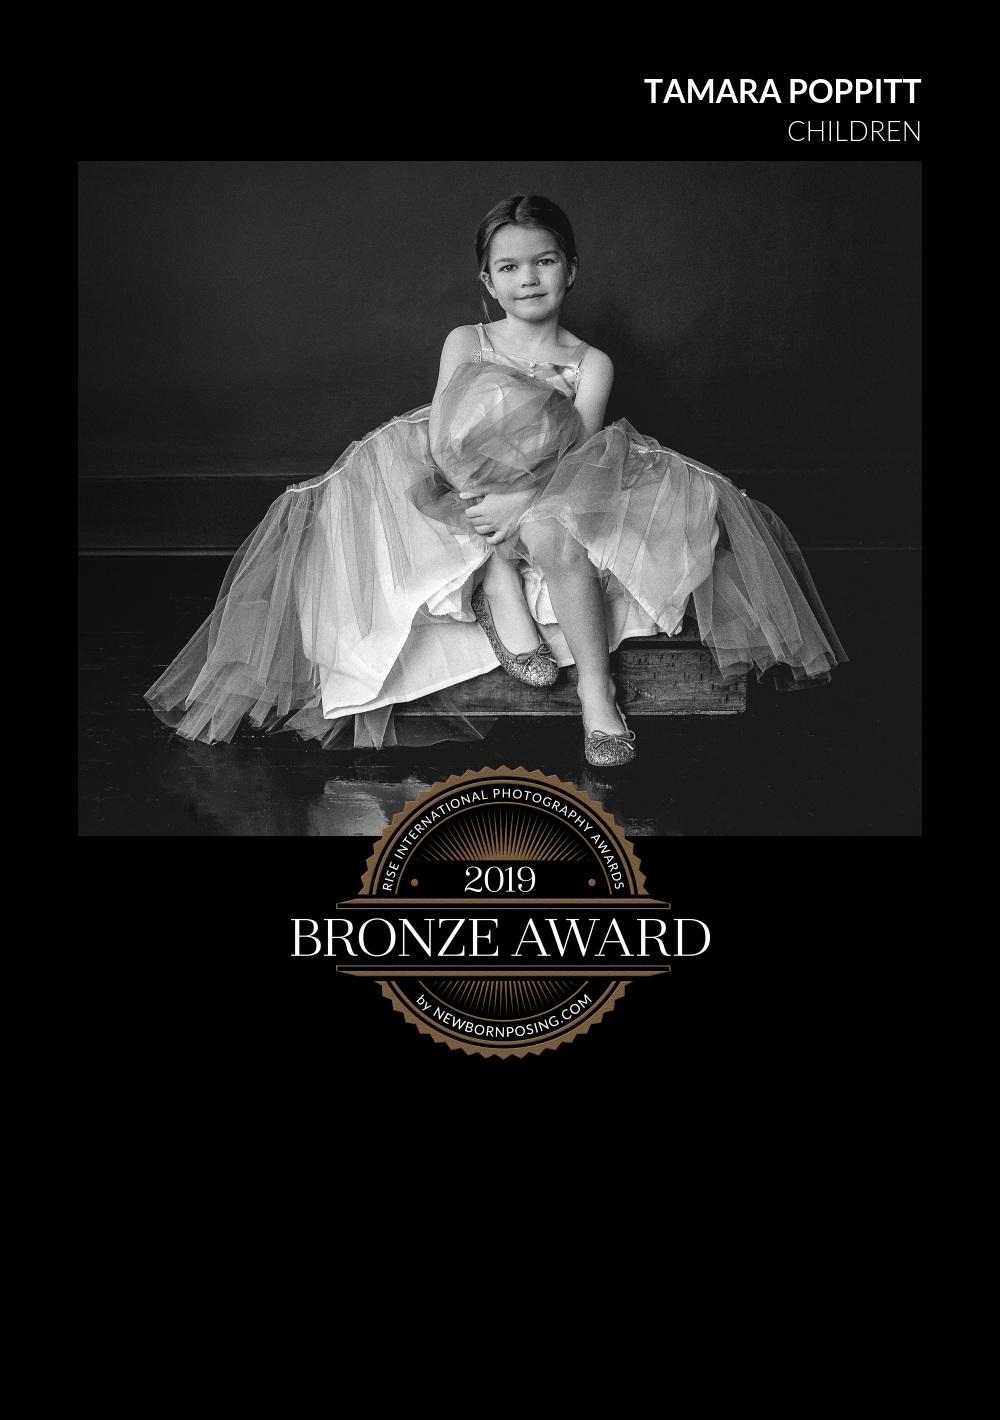 SABRINA_certificate award.jpeg